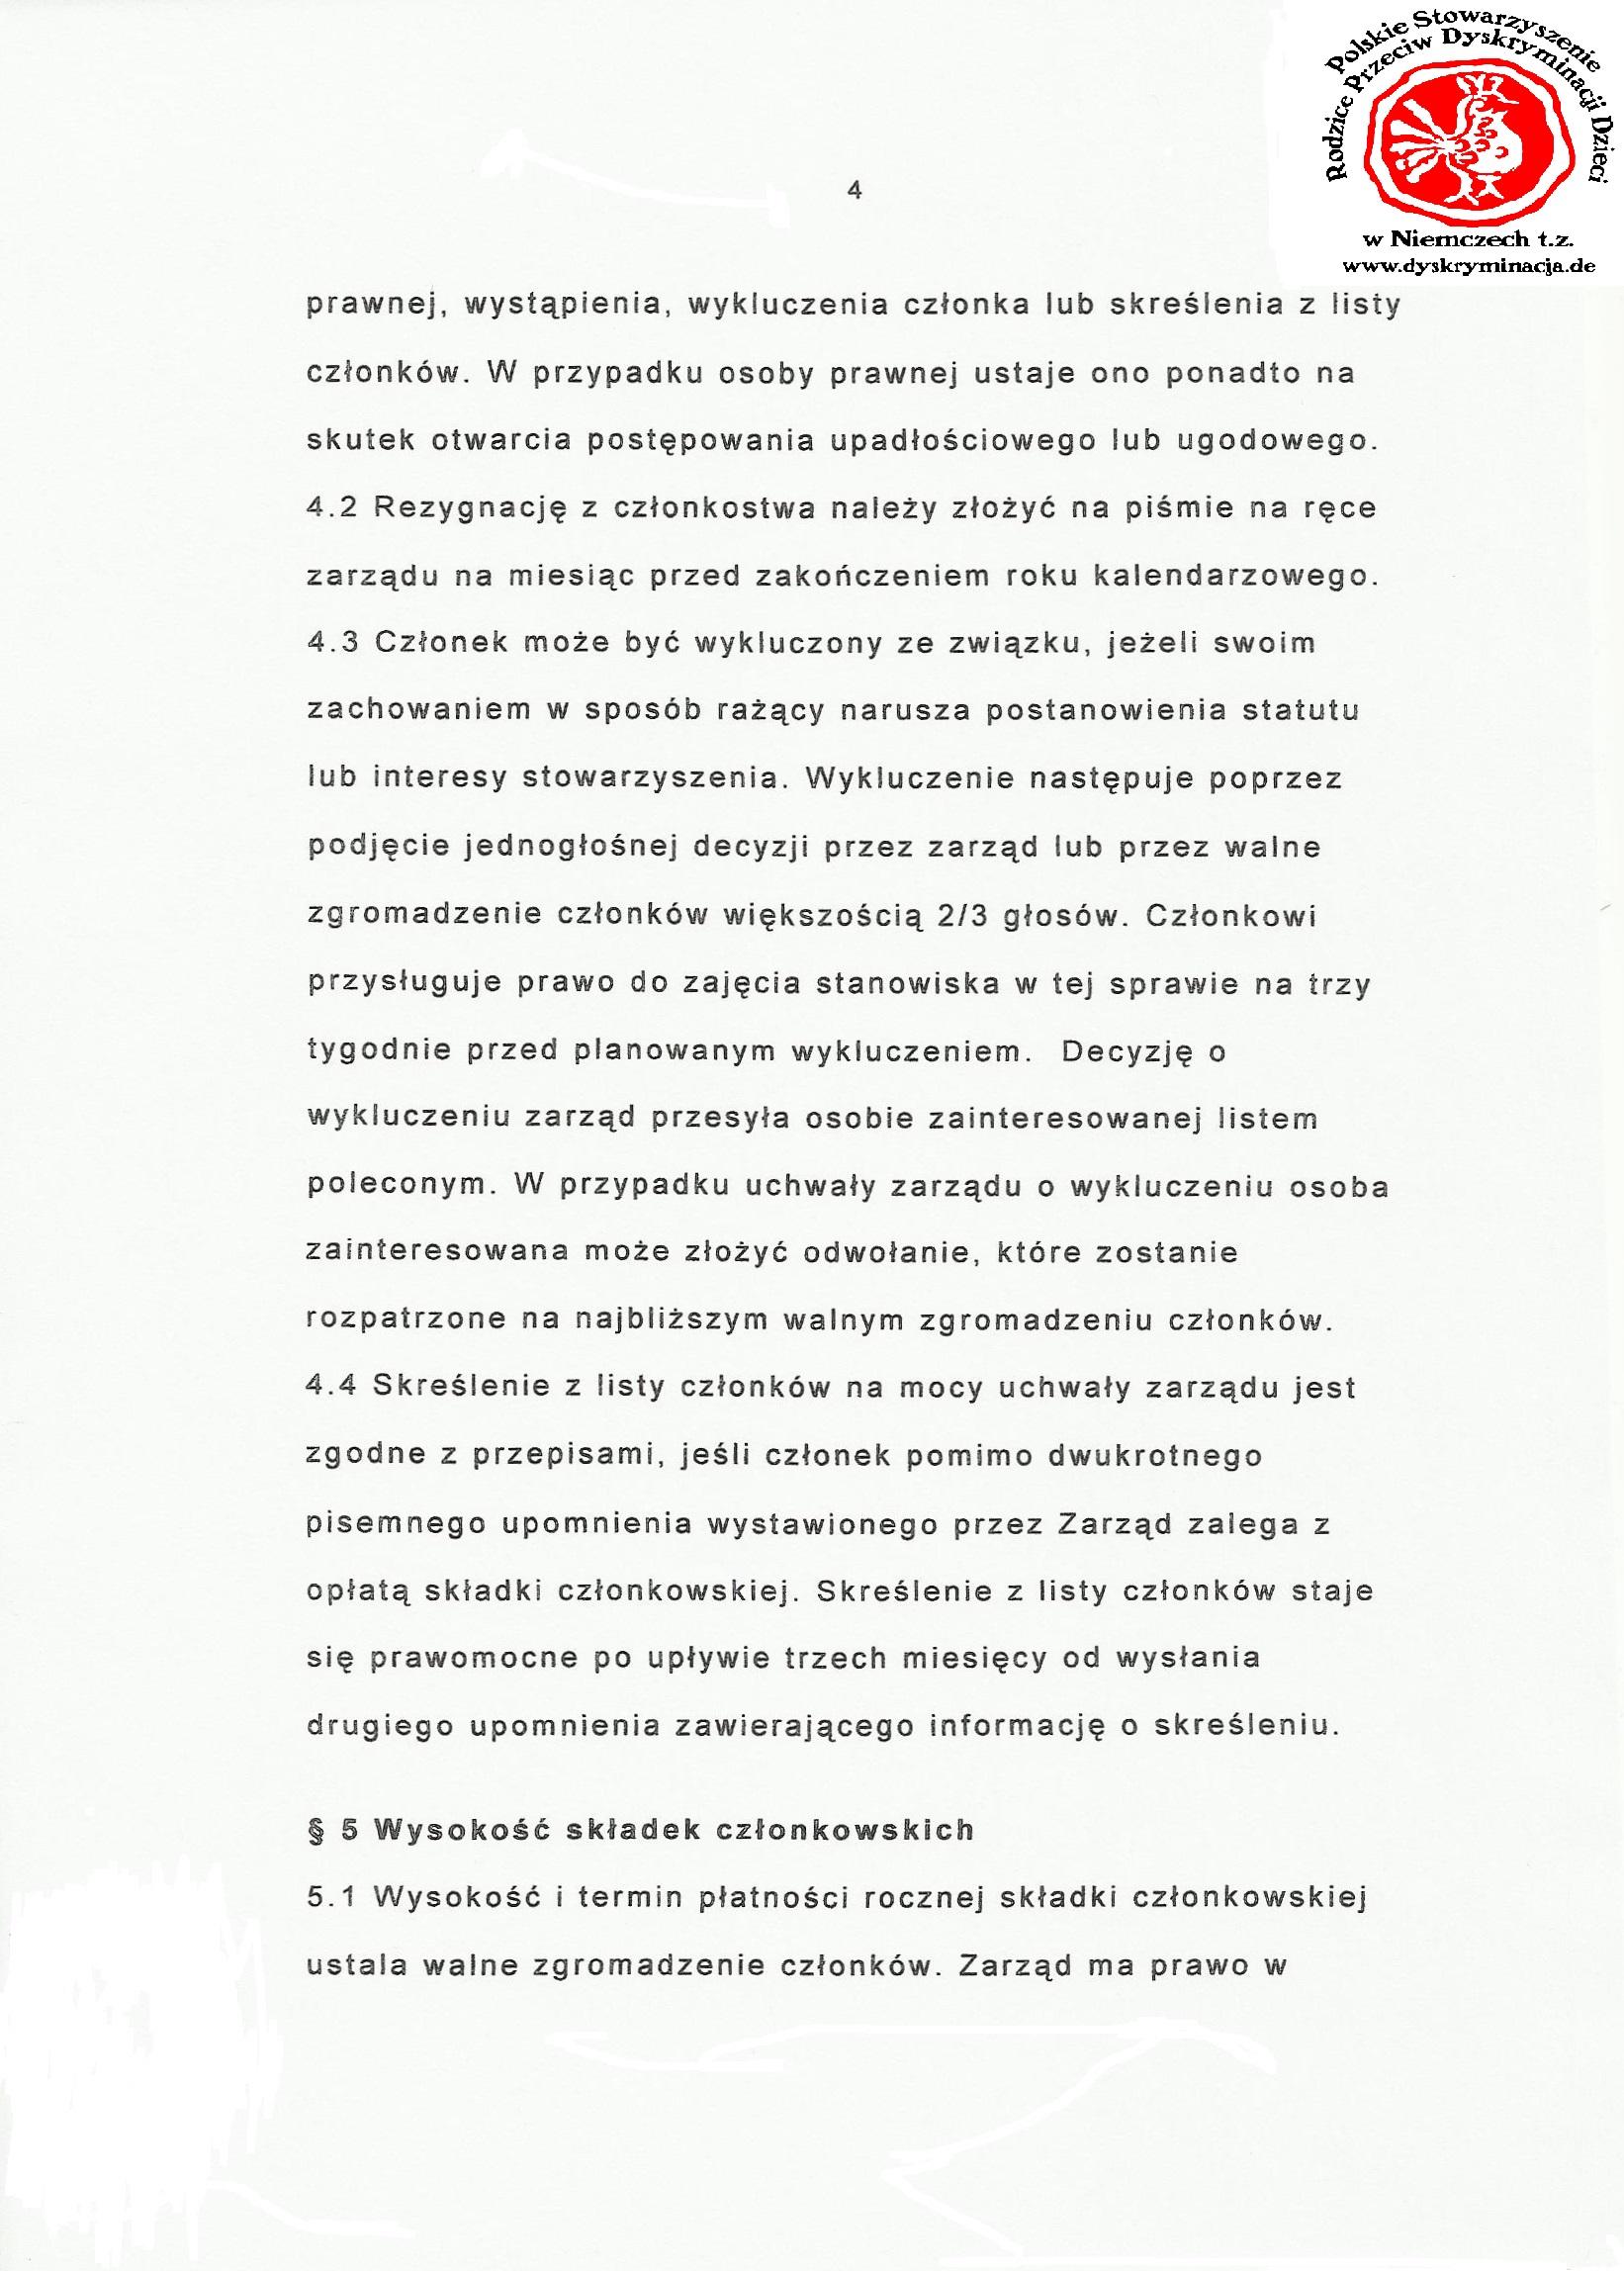 Statut: Polskie Stowarzyszenie Dyskryminacja.de str.4